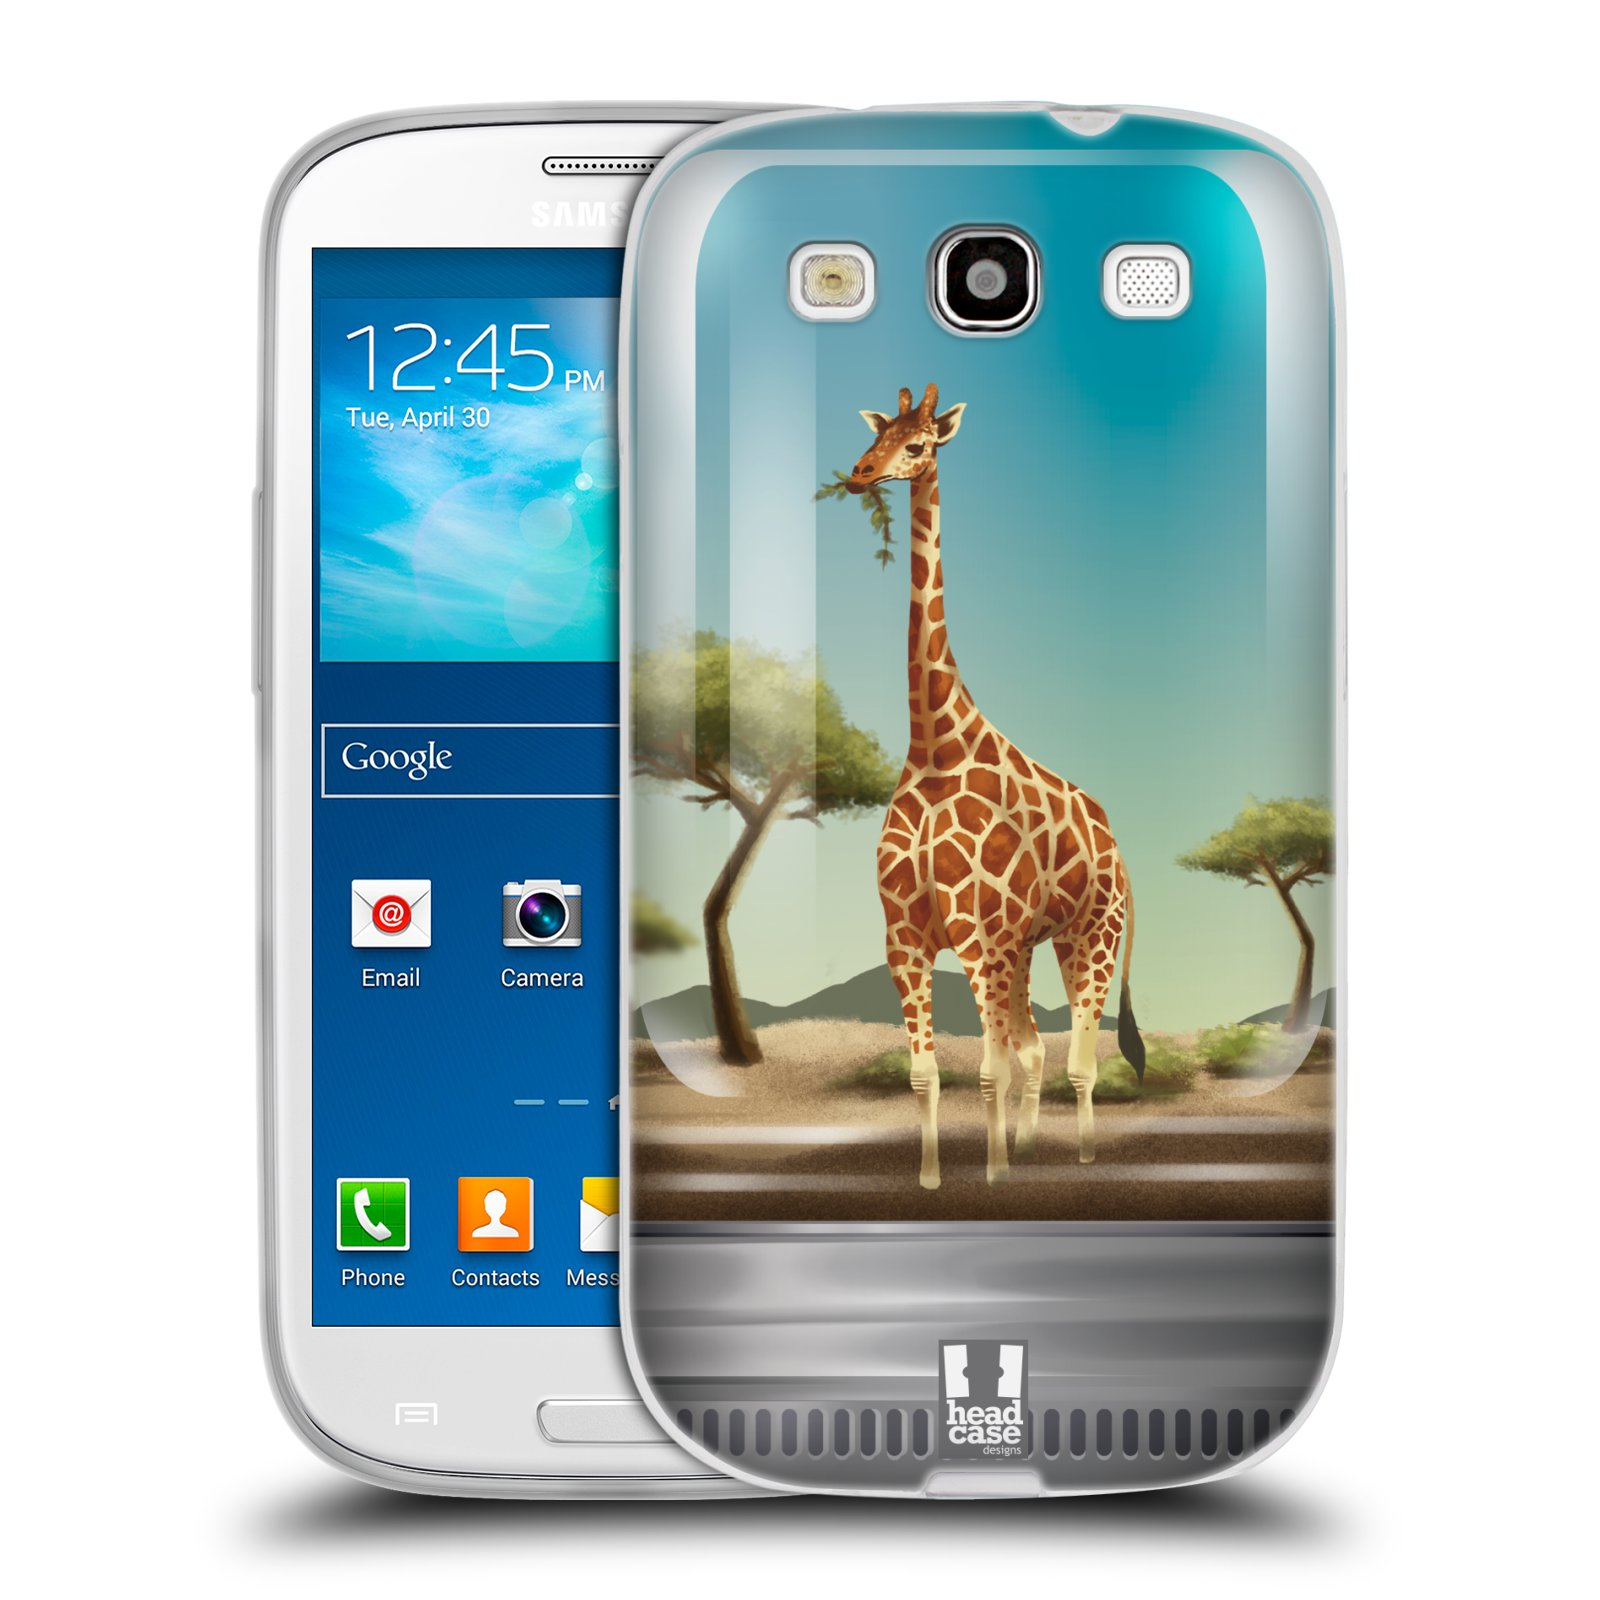 HEAD CASE silikonový obal na mobil Samsung Galaxy S3 i9300 vzor Zvířátka v těžítku žirafa